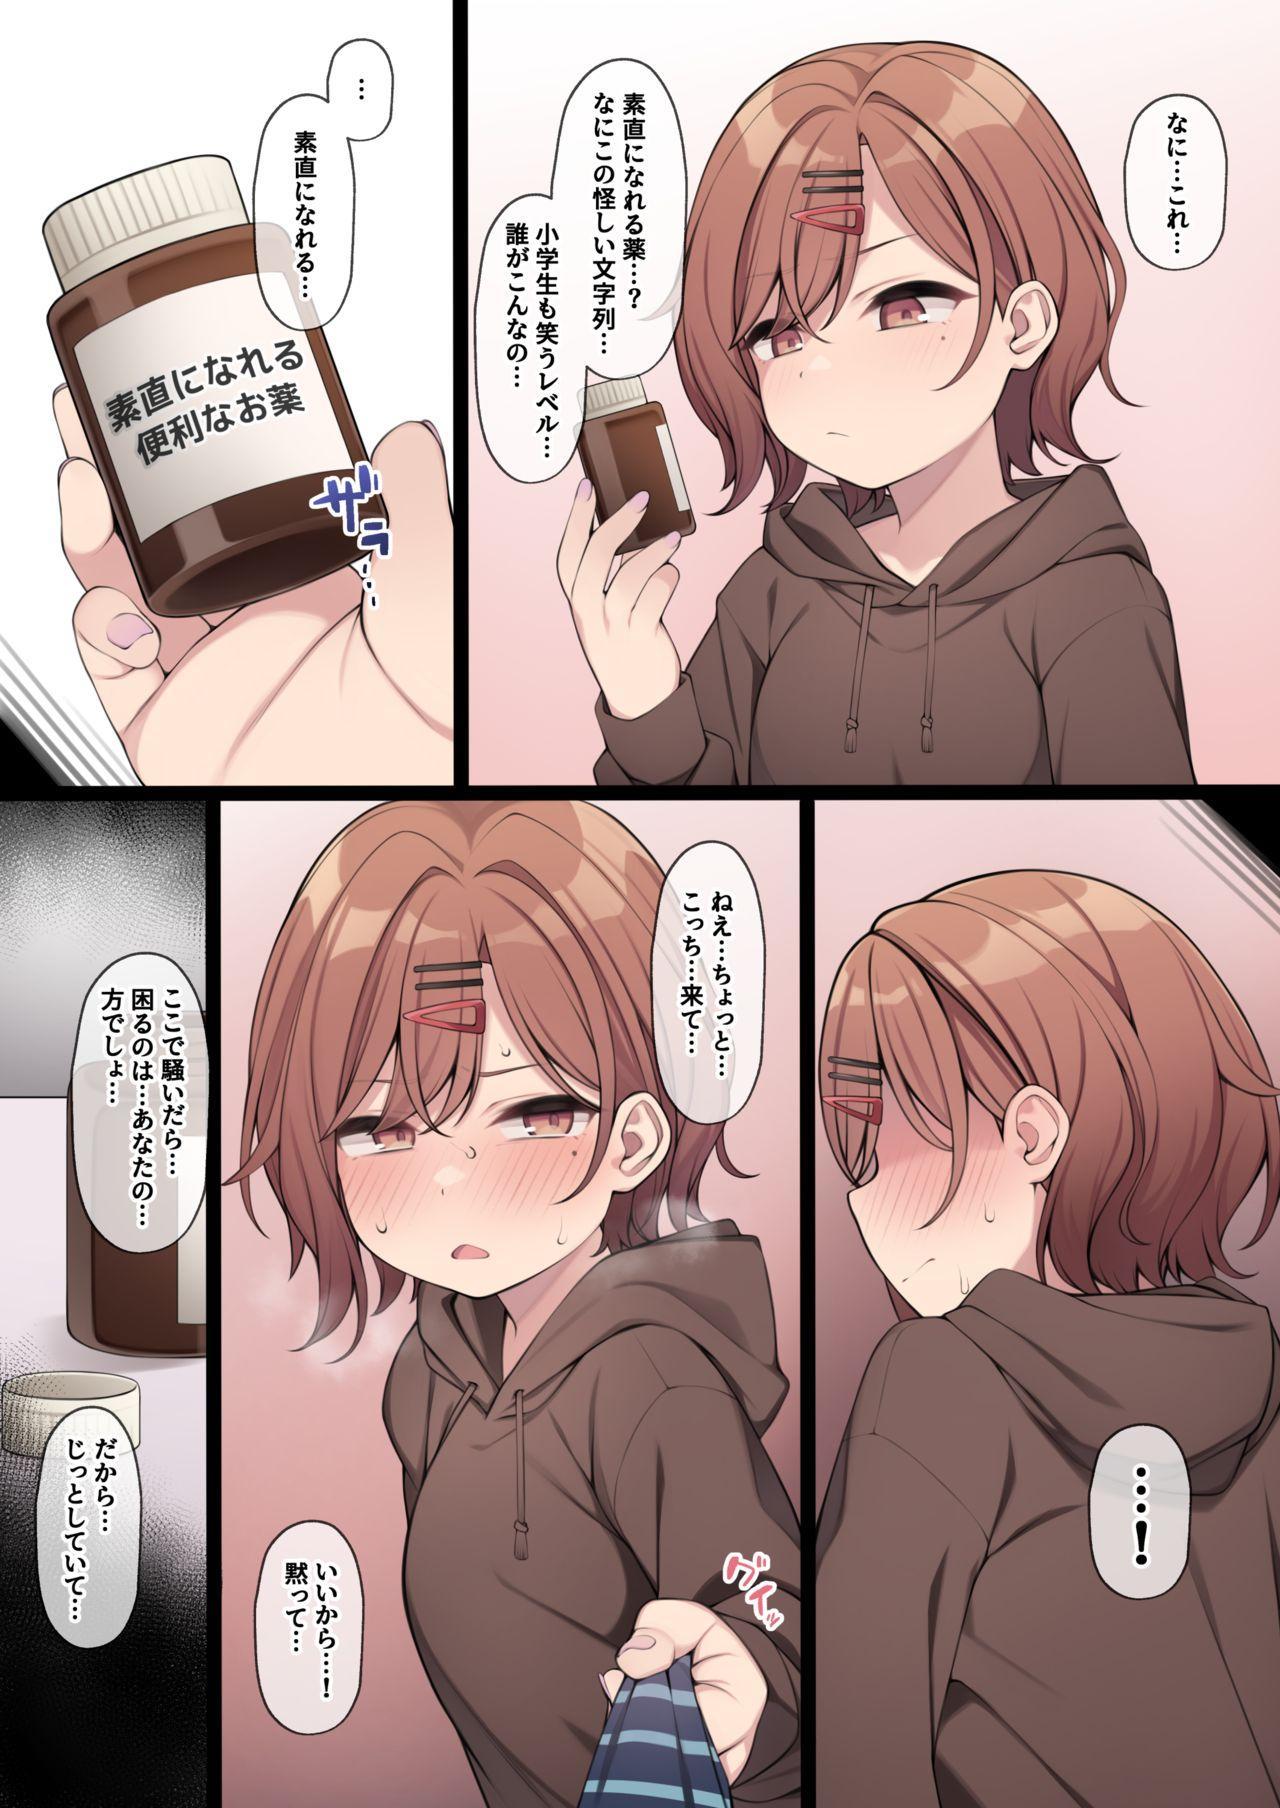 Benri na Okusuri no Chikara o Kariru Madoka-chan 0